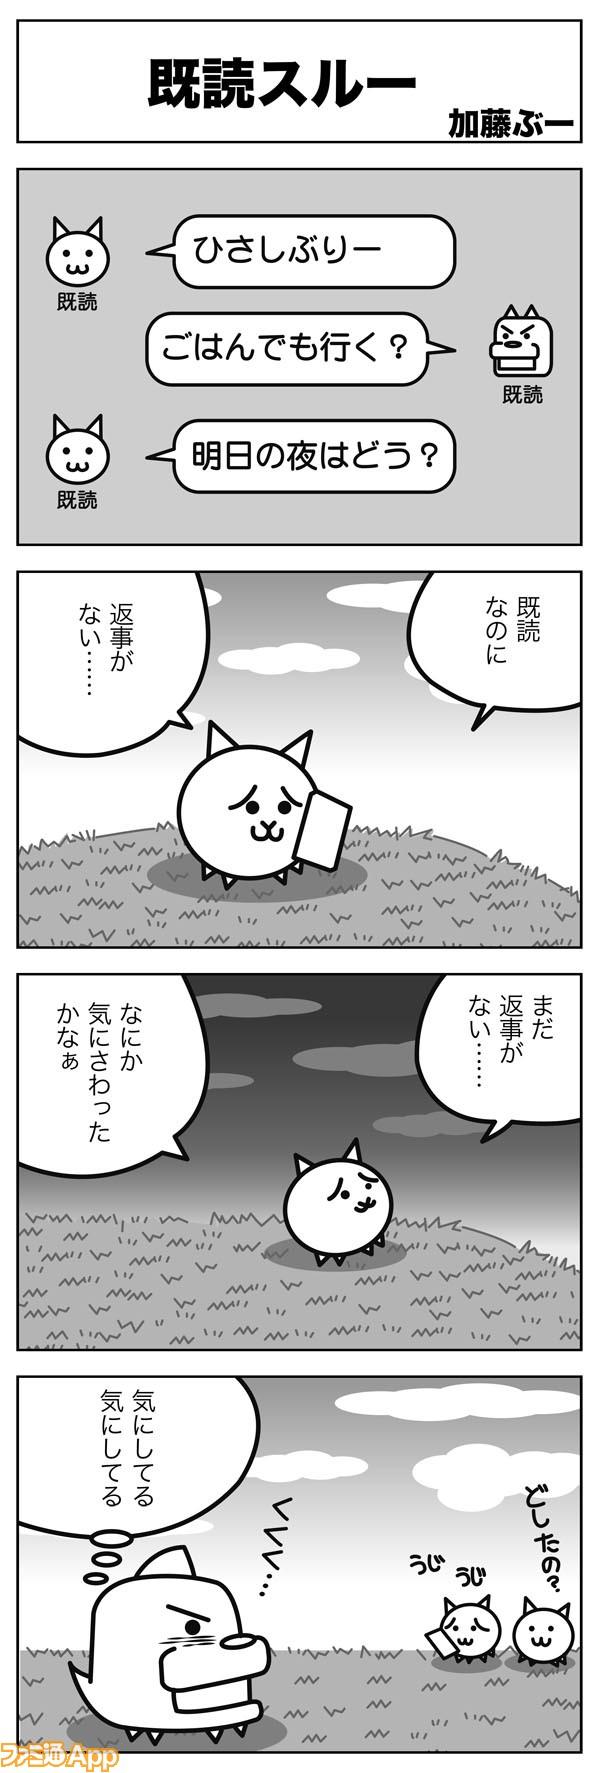 04kato_082